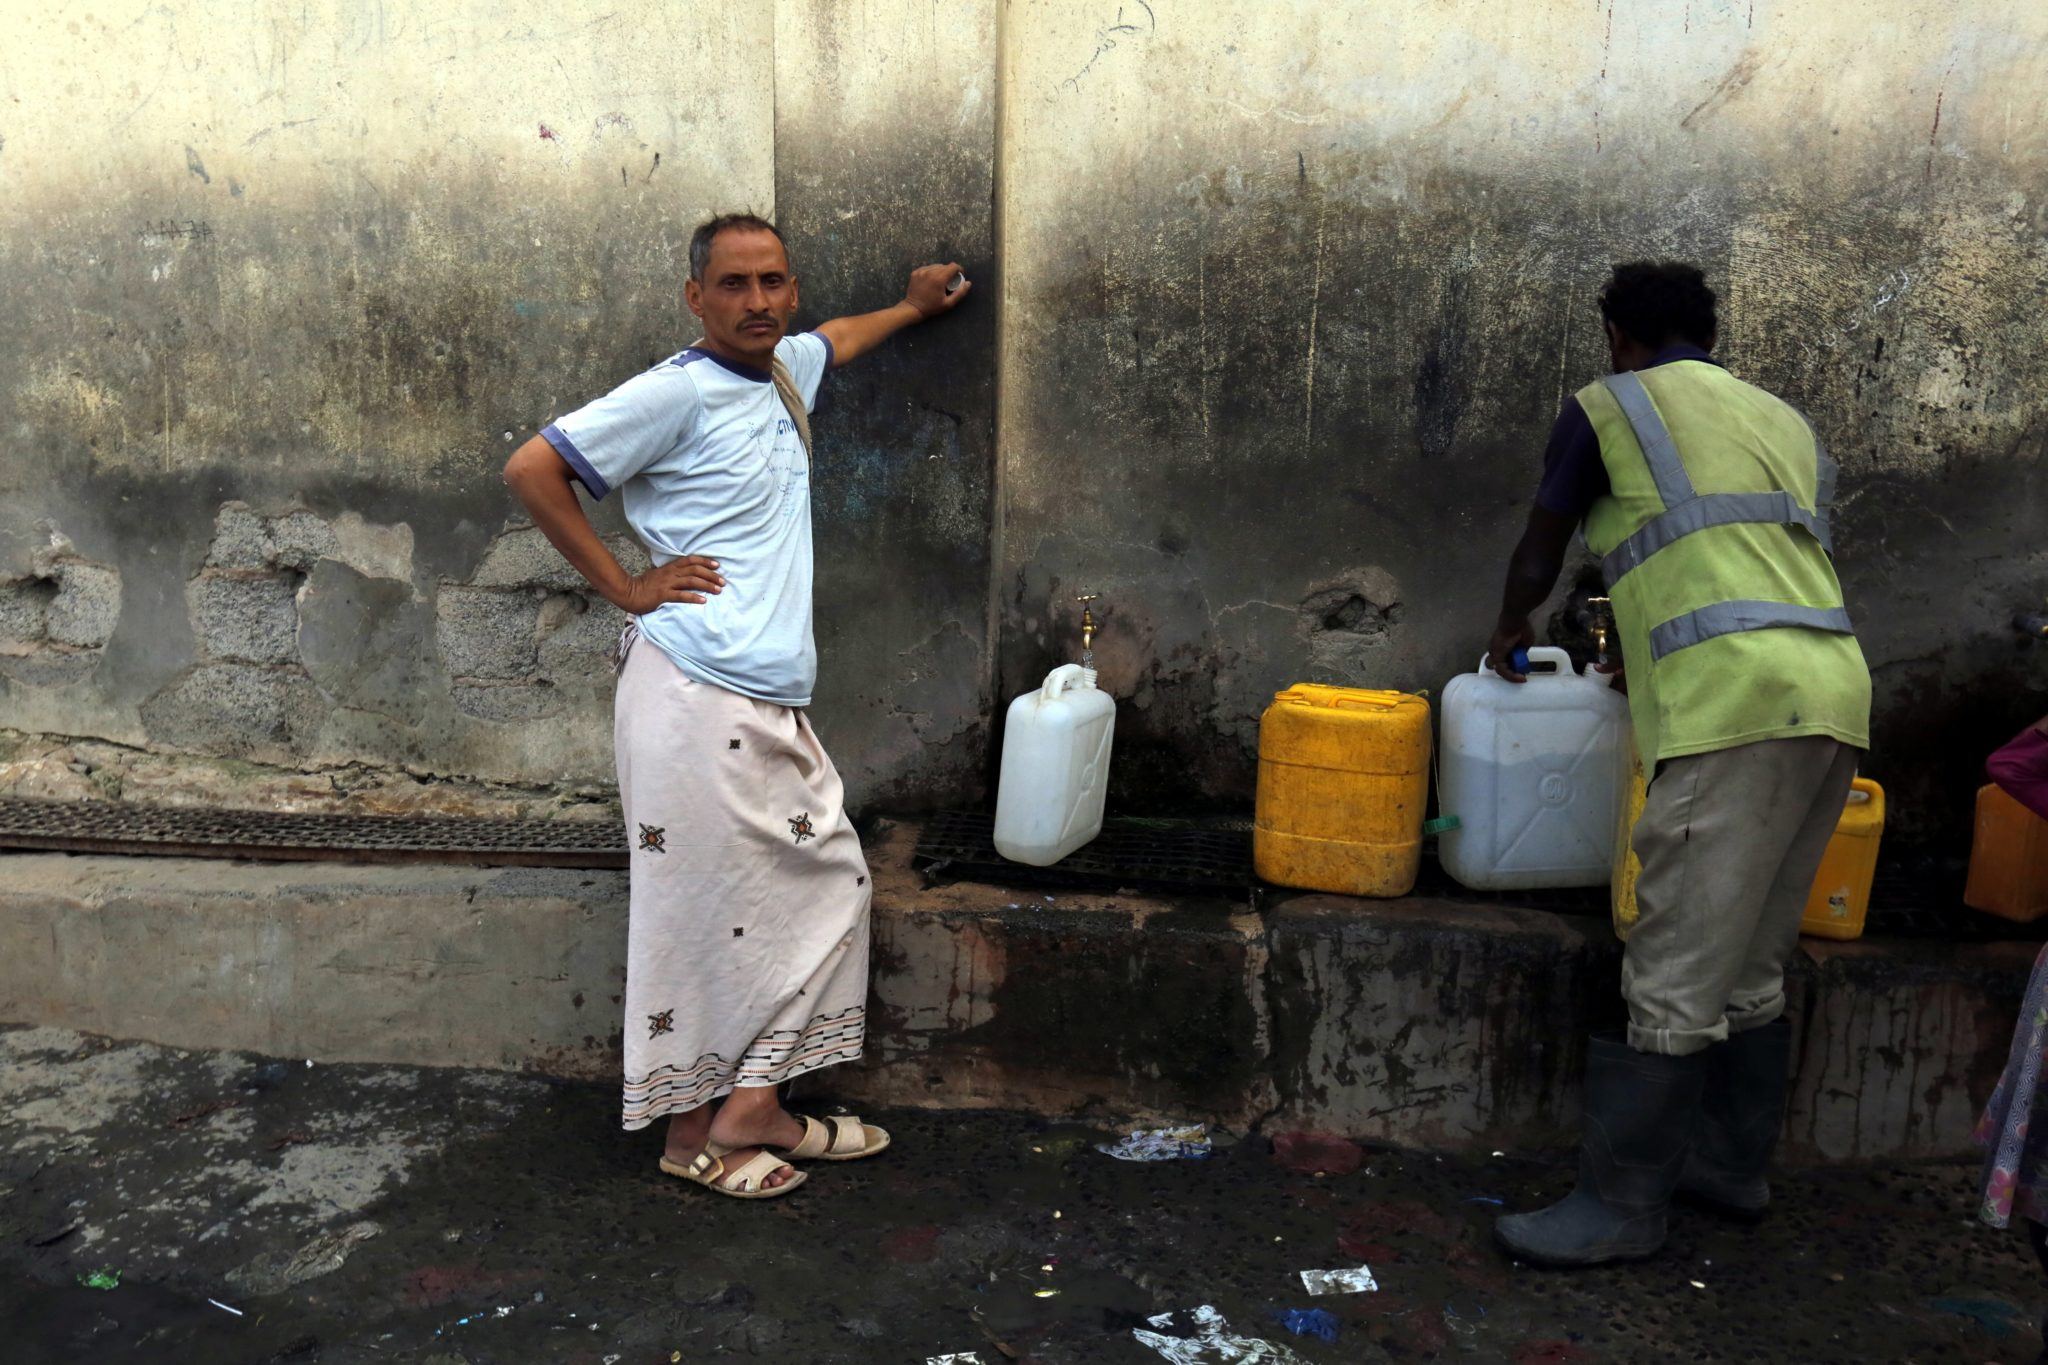 Wielu Jemeńczyków cierpi z powodu braku podstawowych usług i zasobów wody. Katastrofa humanitarna spowodowana jest przez eskalację konfliktu pomiędzy buntownikami z Hutów a wspieranymi przez Arabię Saudyjską siłami rządowymi, fot.Yahya Arhab,PAP/EPA